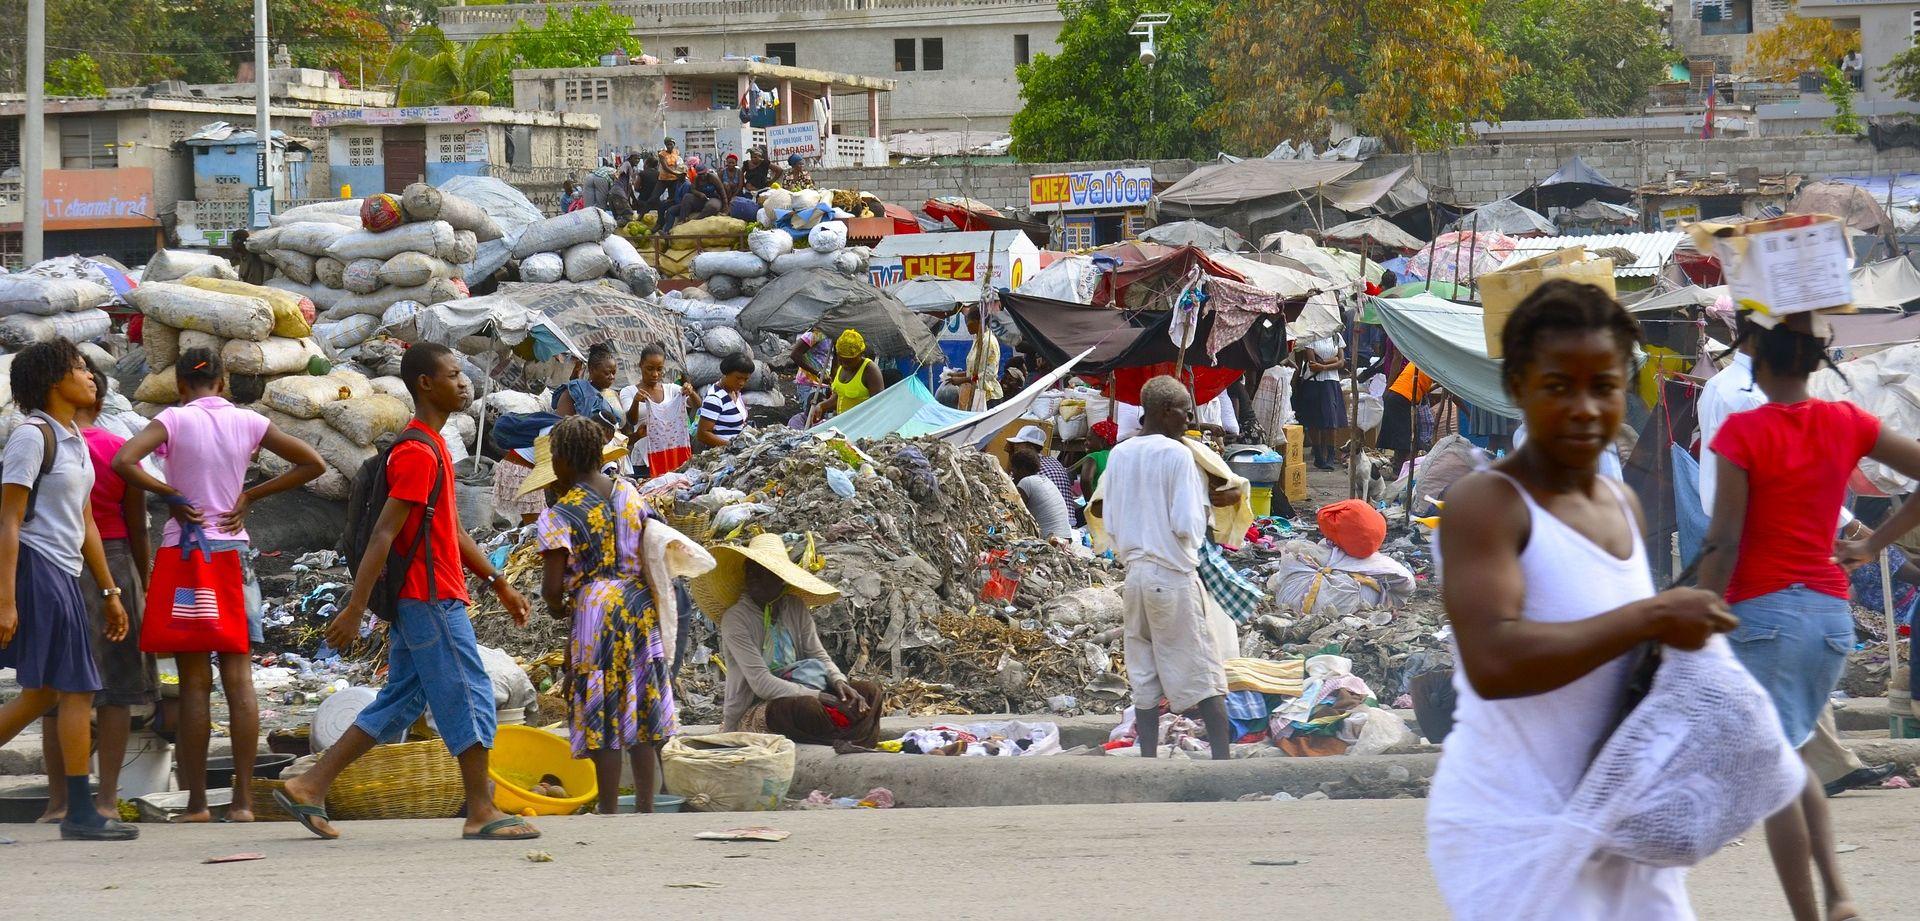 HAITI Autobusom pokosio pješake, najmanje 34 osobe poginule